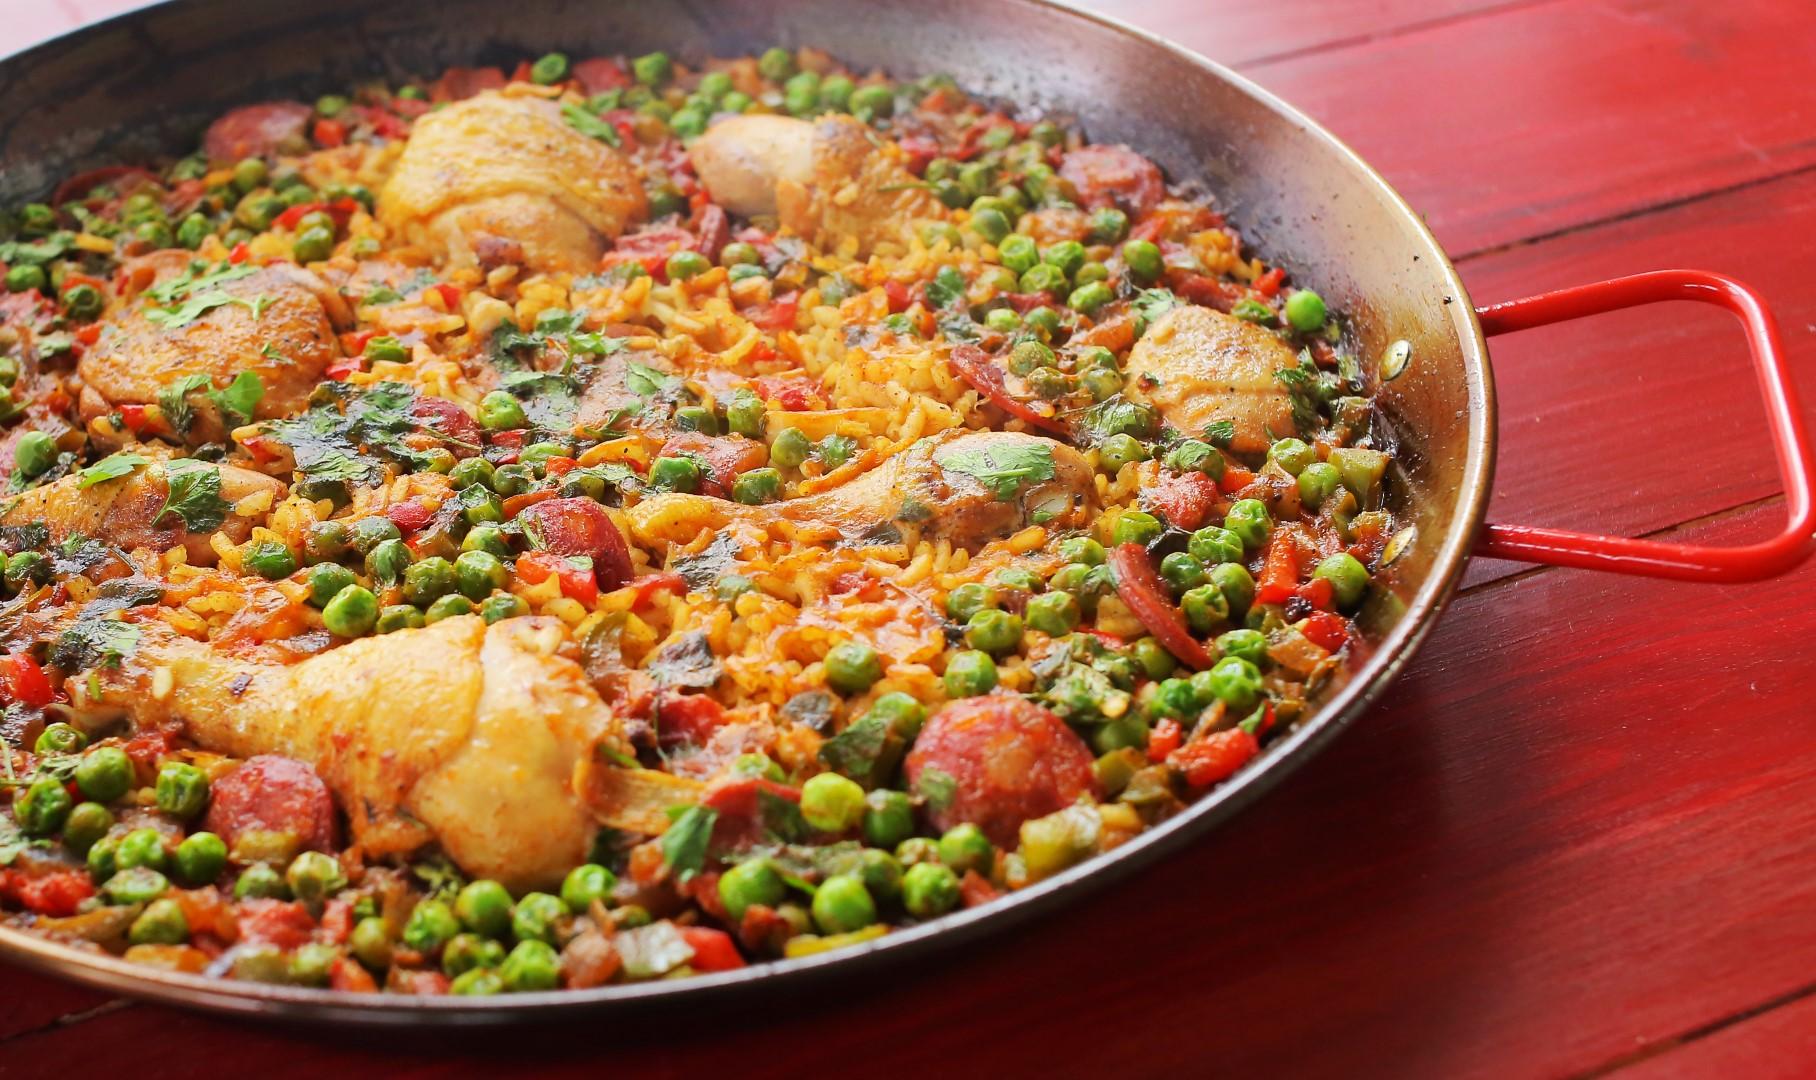 Szárazföldi paella csirkecombokkal és sok kolbásszal